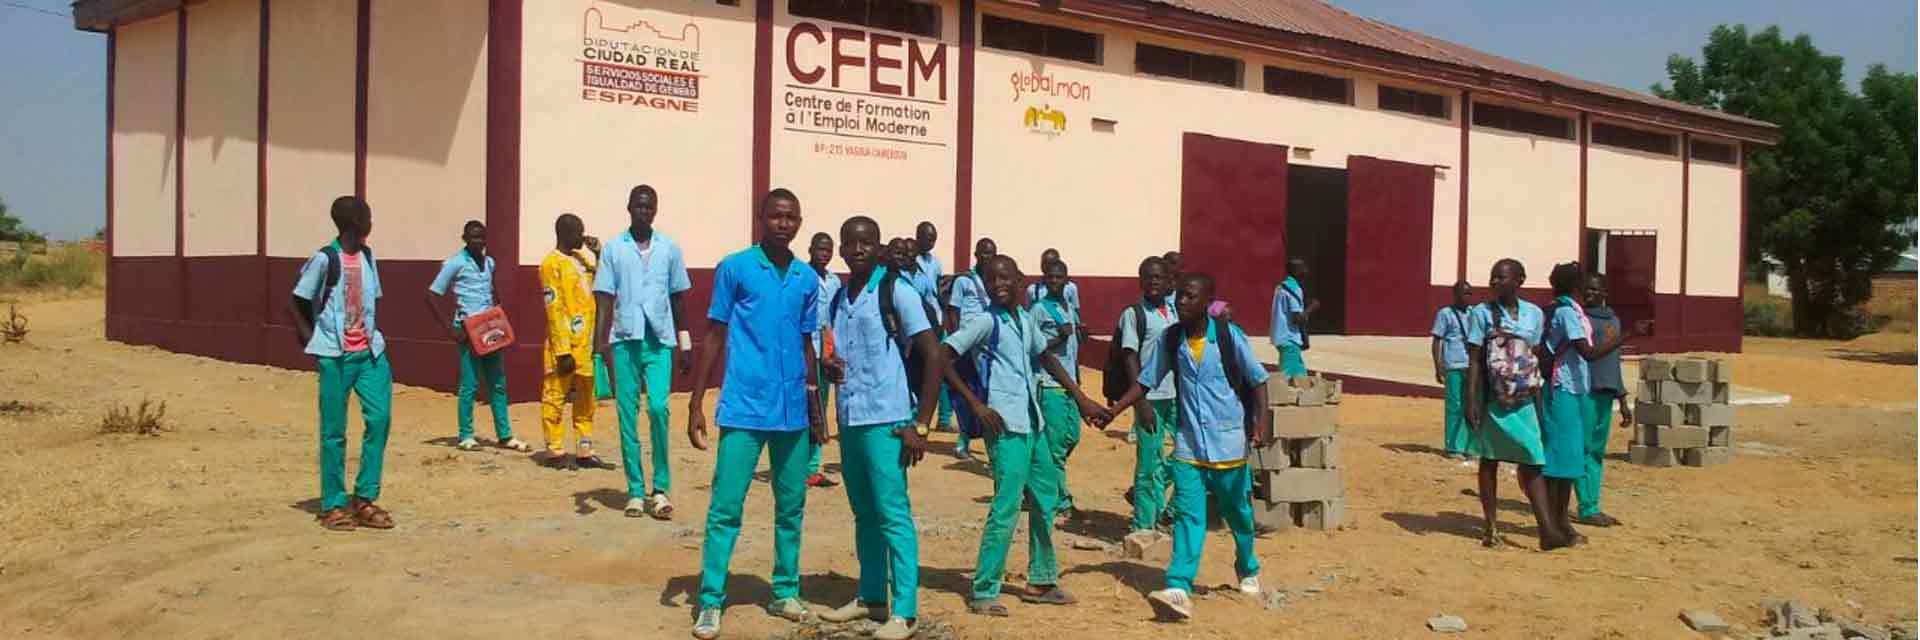 Alumnos en la puerta de un centro CFE;